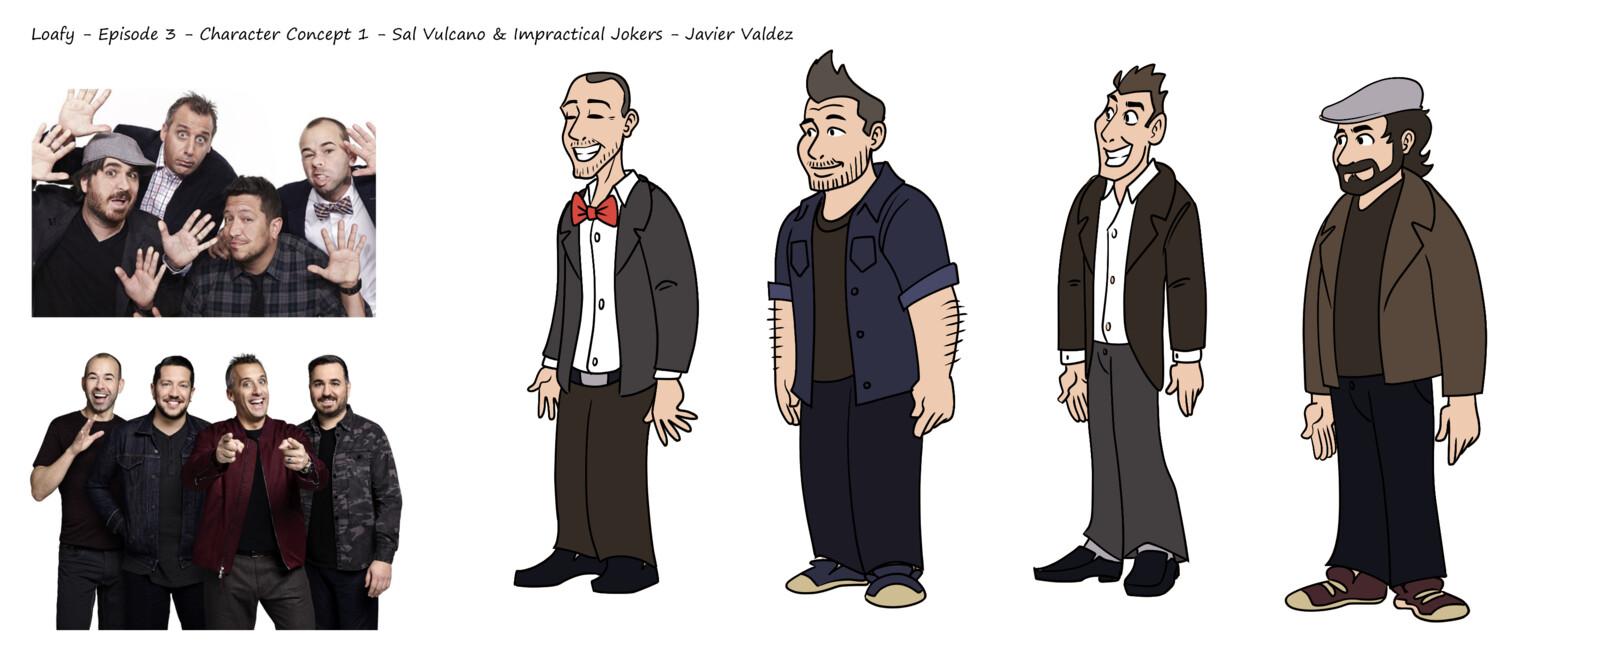 Joe Gatto, James Murray, Sal Vulcano, Brian Quinn, voiced by themselves